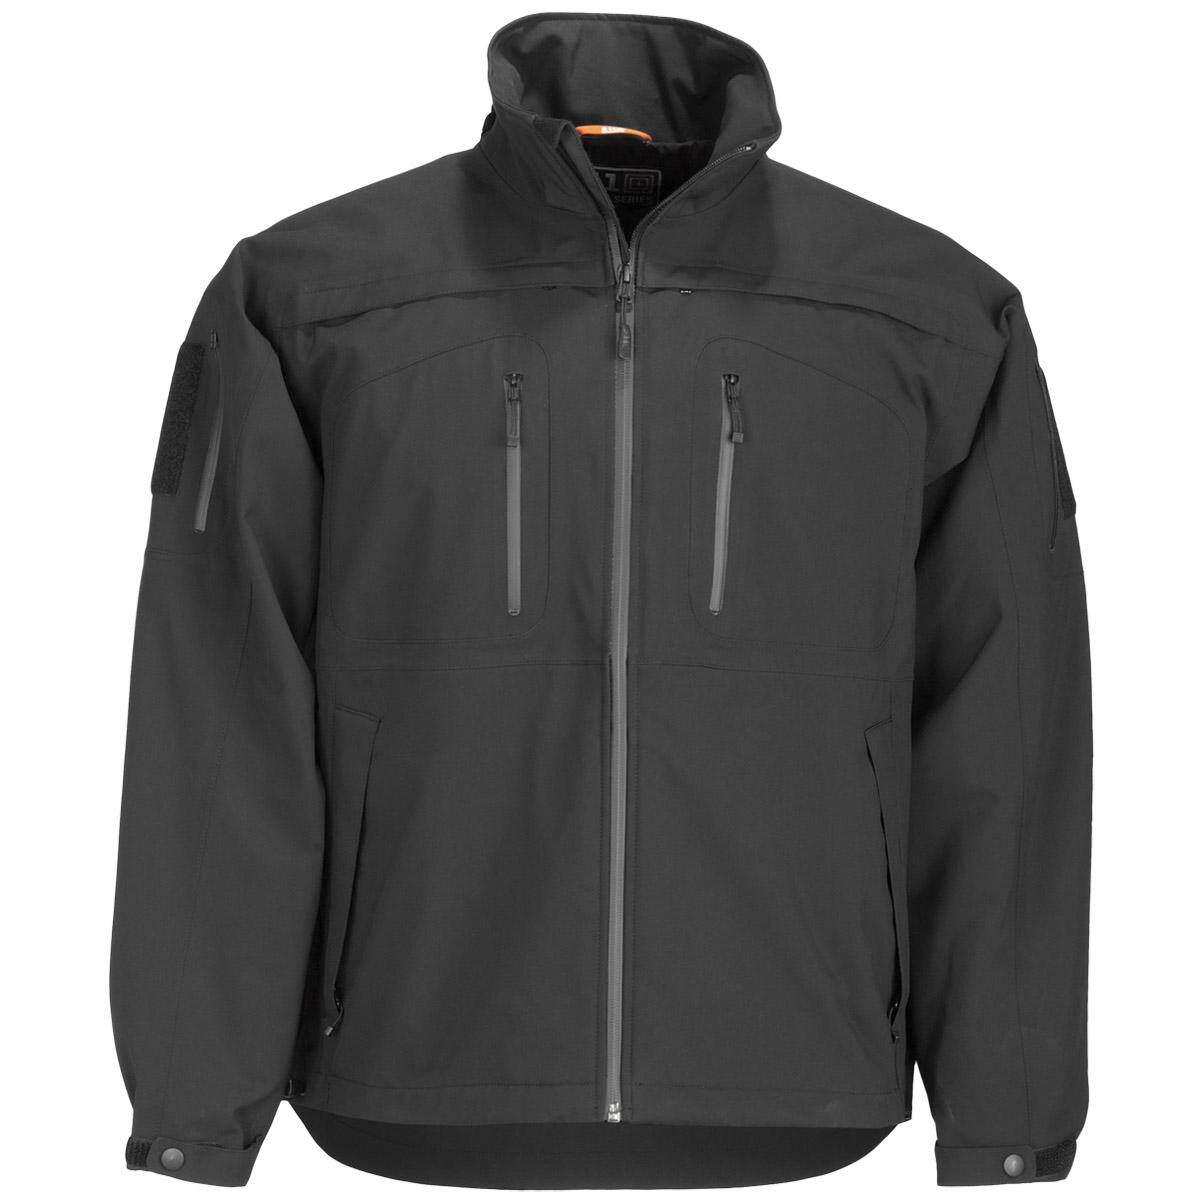 5.11 Tactical Jacket